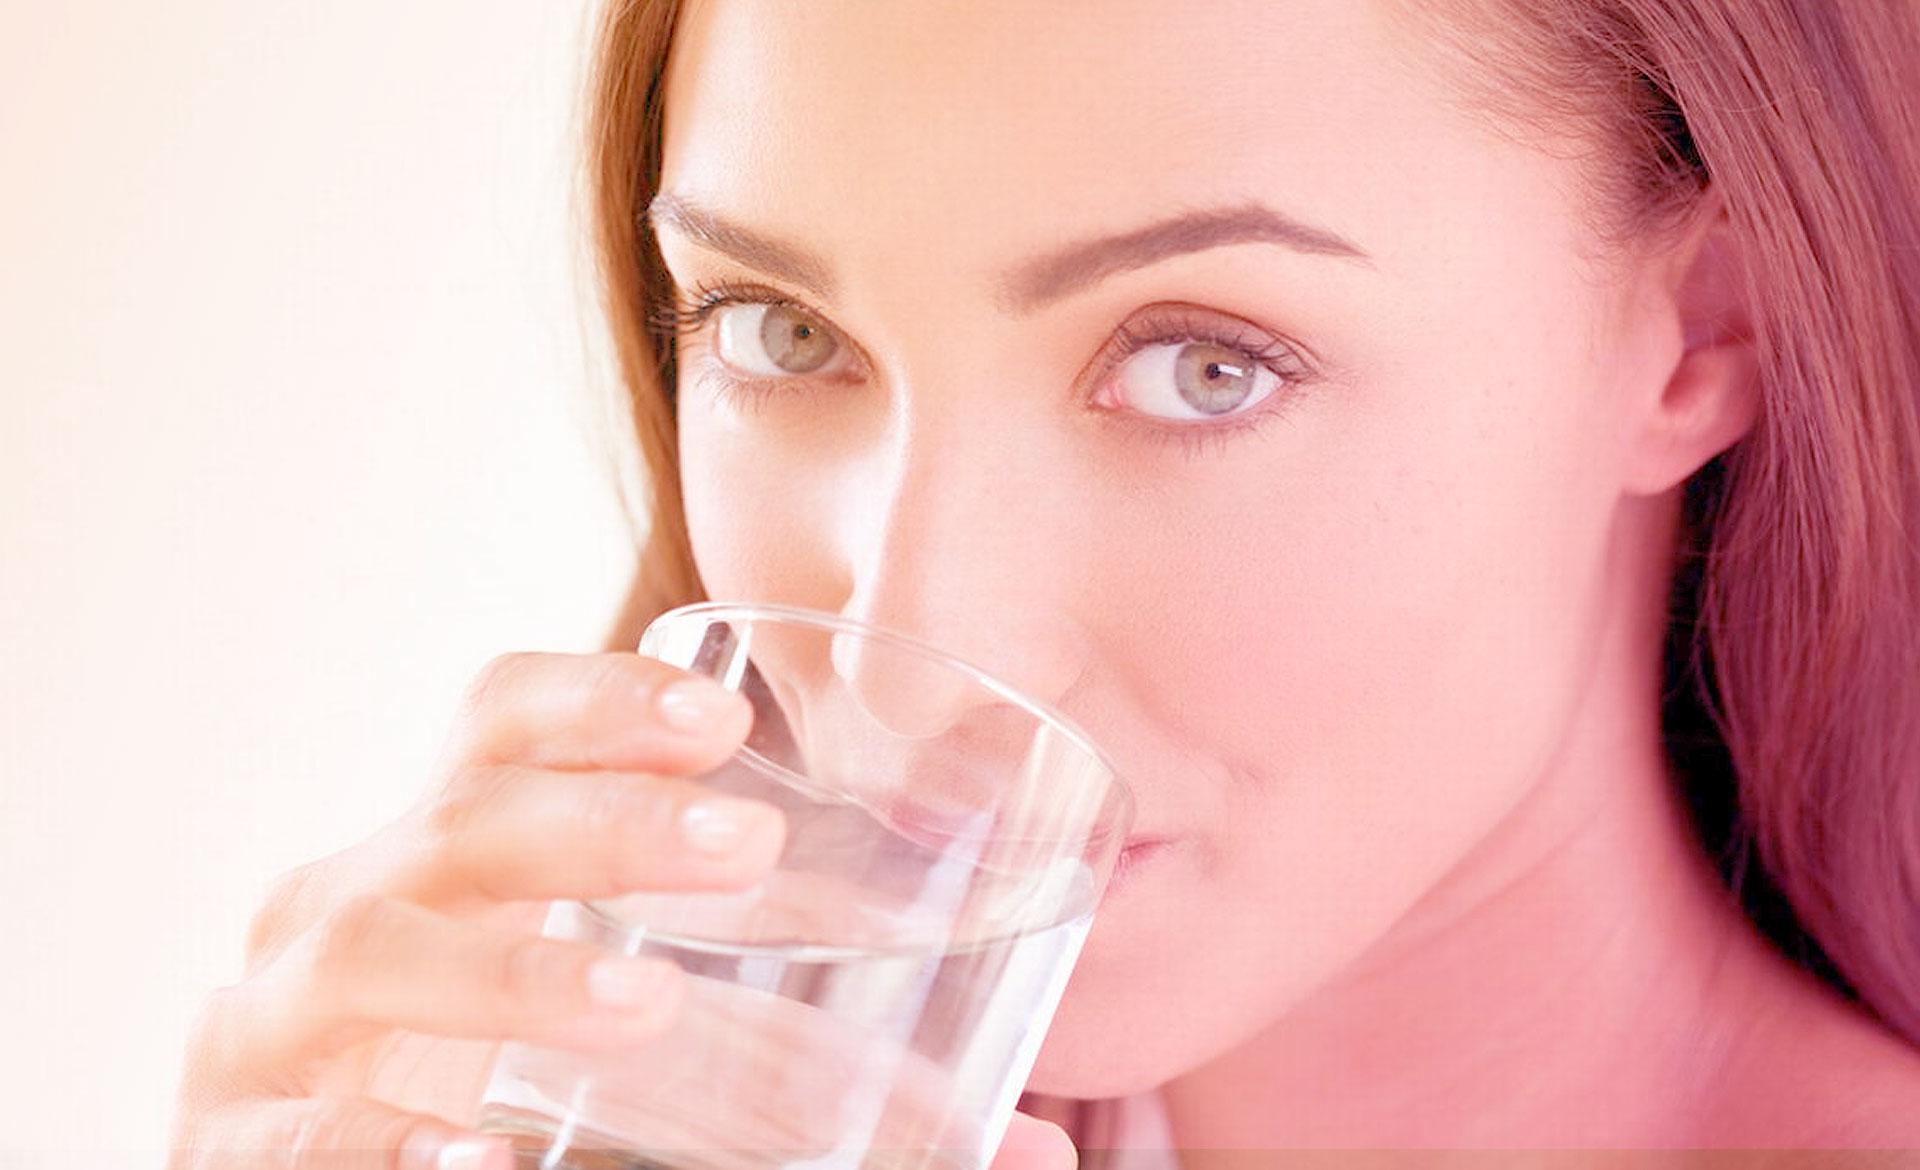 Por que é importante beber água durante o tratamento oncológico?